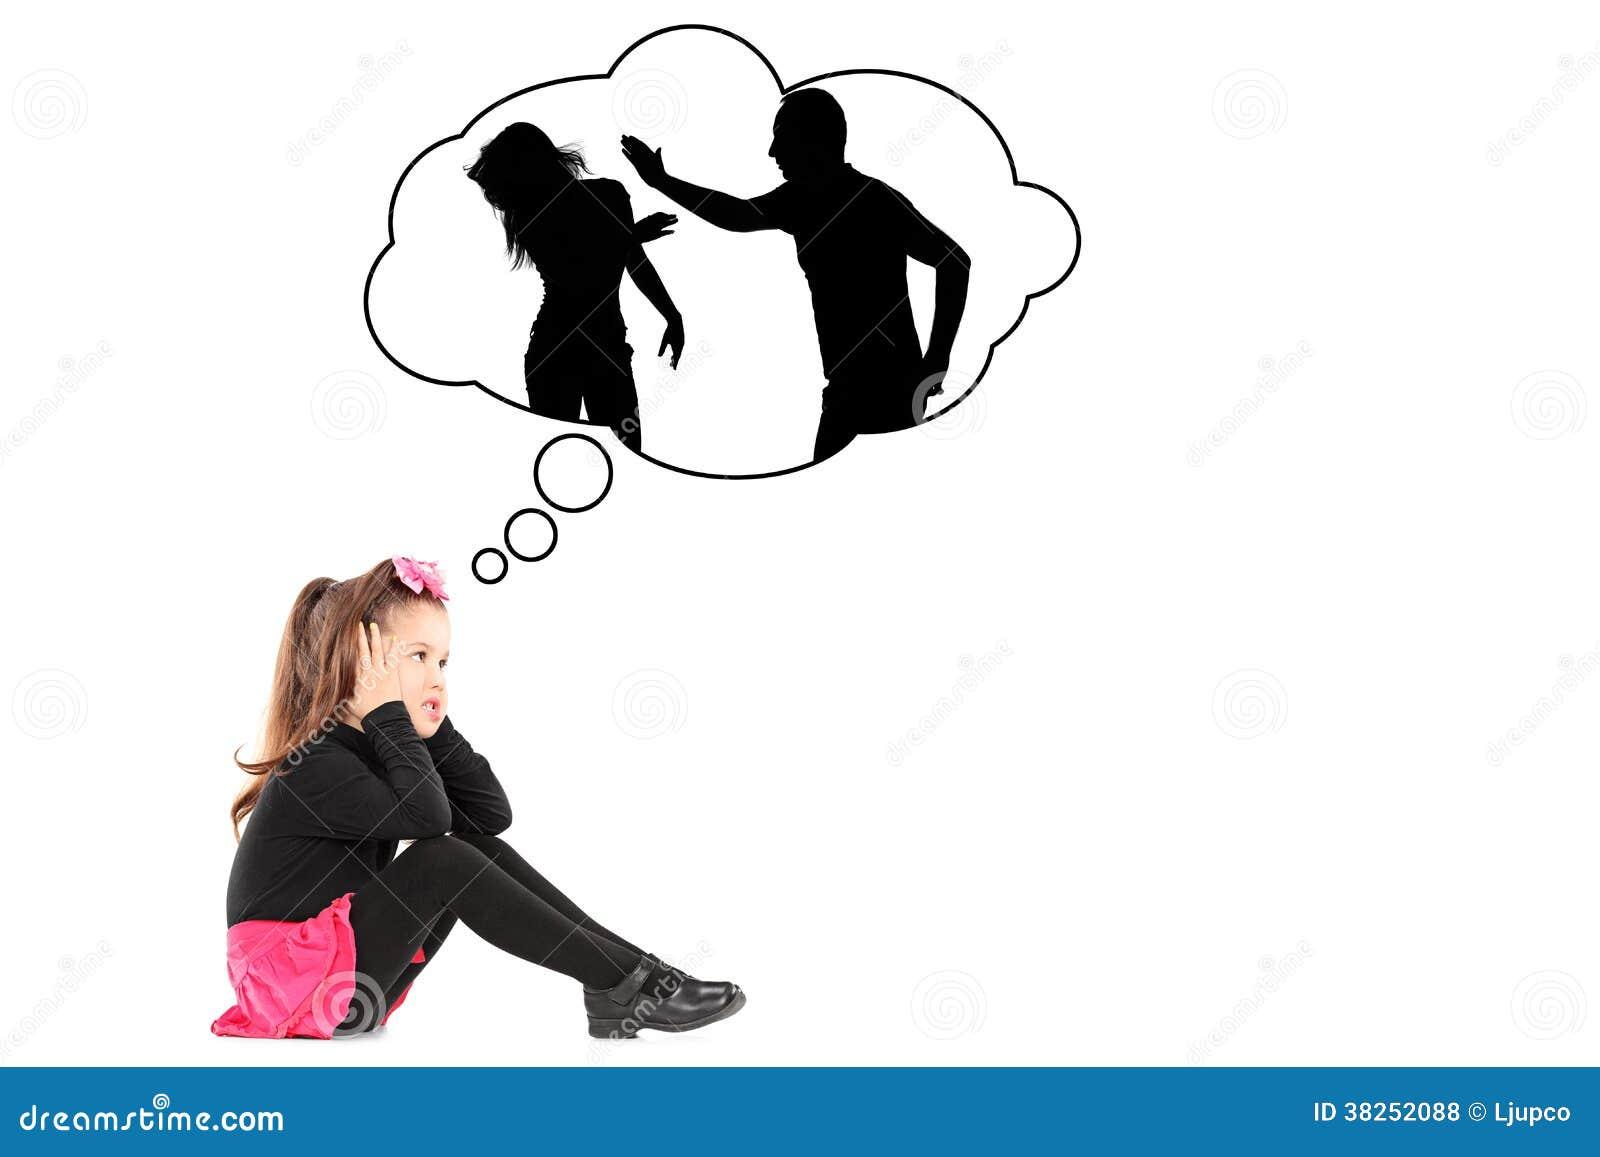 Ilustracja powodująca uraz mała dziewczynka przywołuje ona rodziców